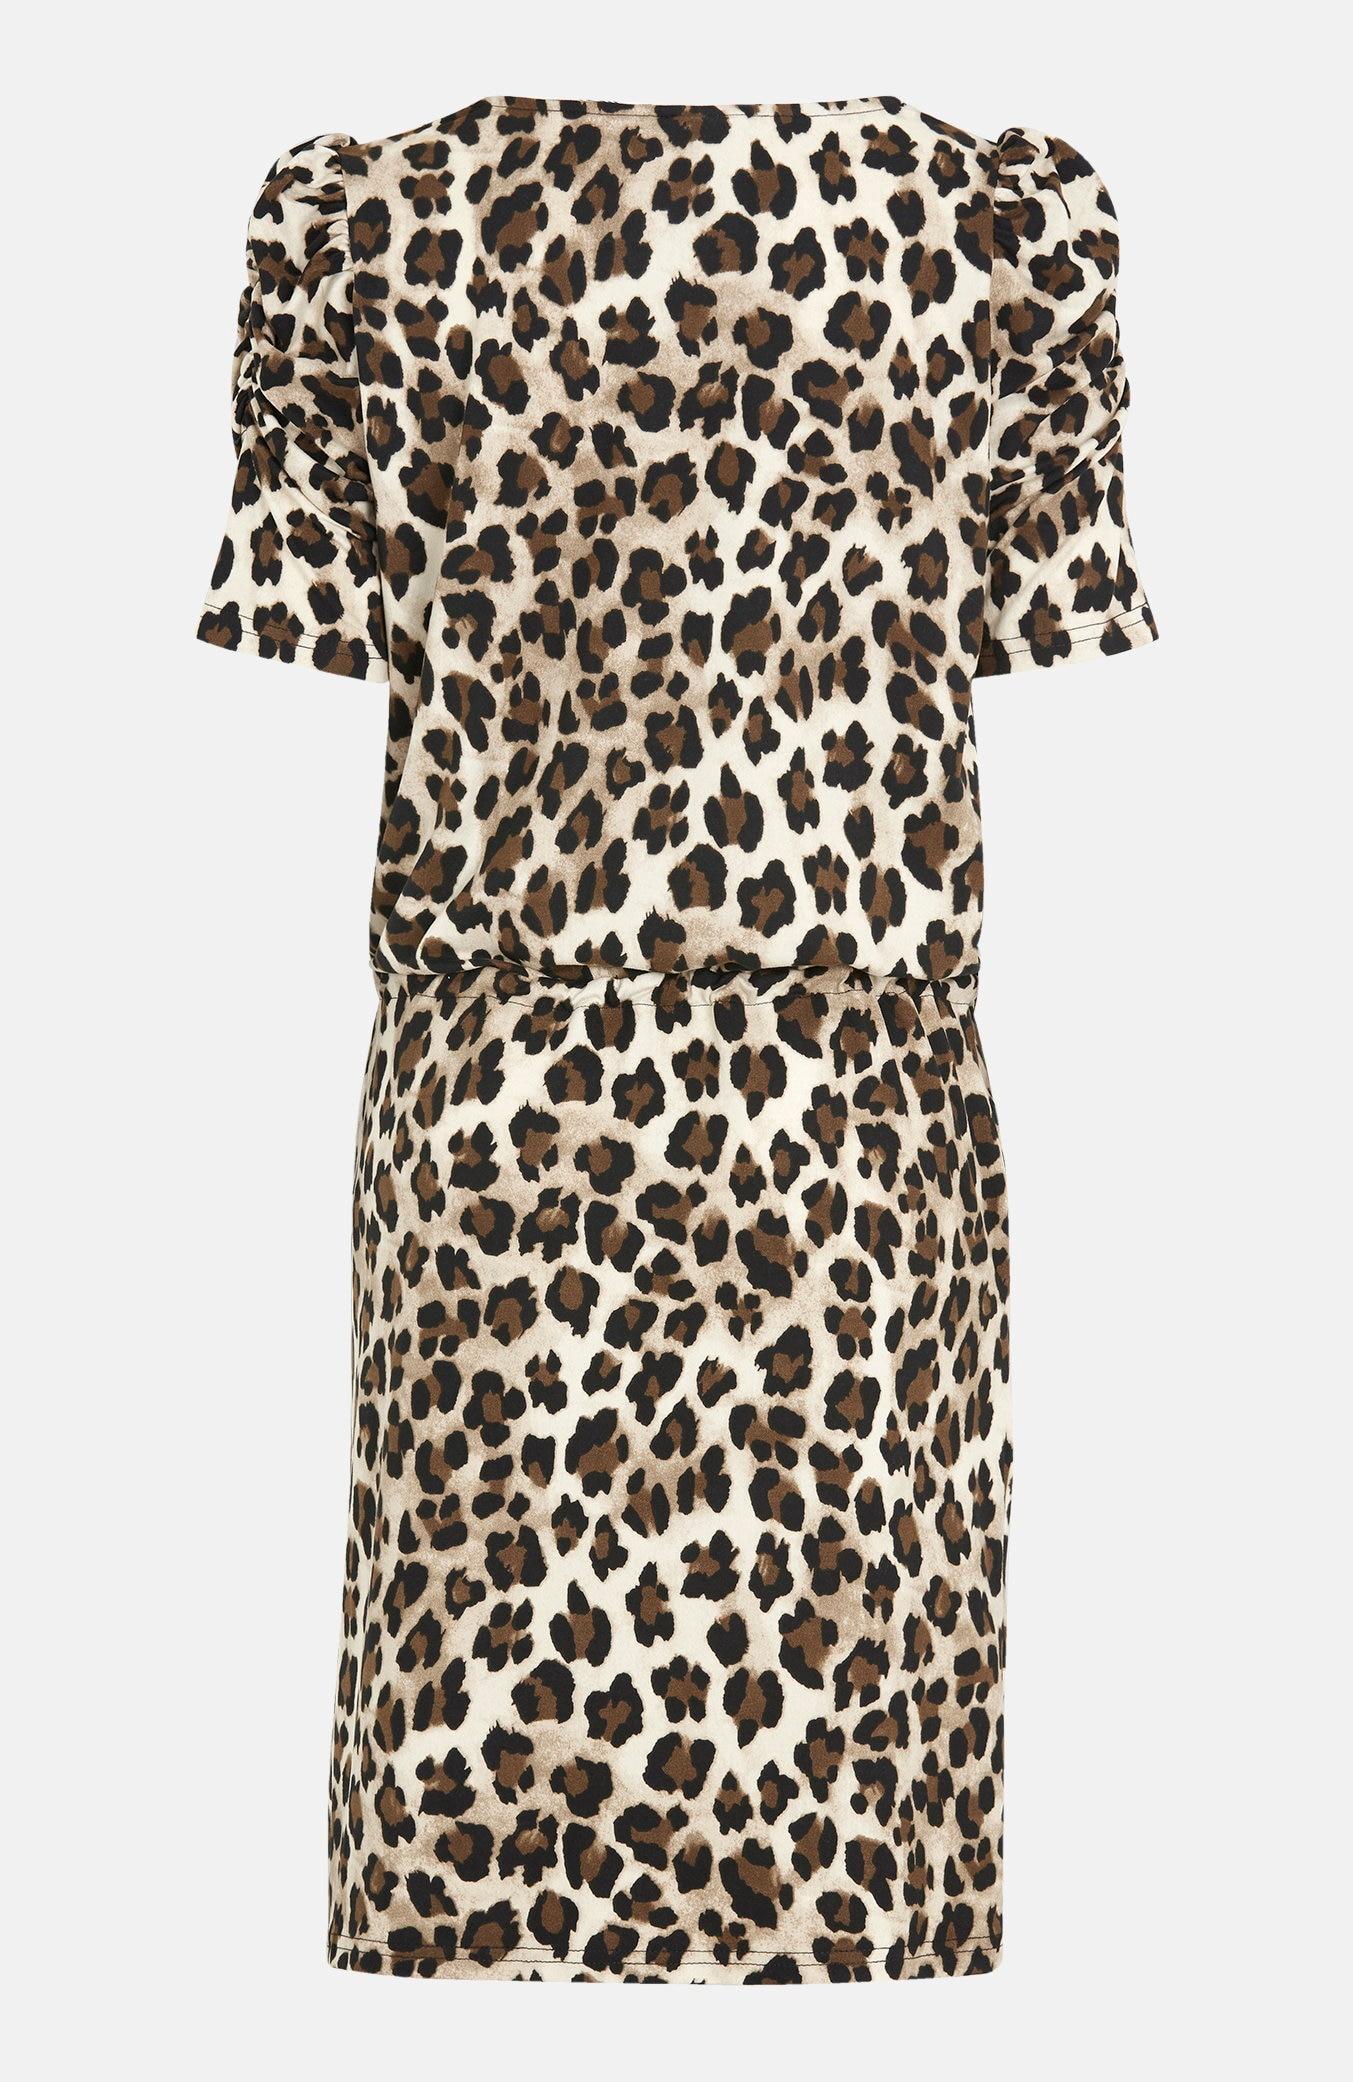 Dżersejowa sukienka we wzory zwierzęce. Moii